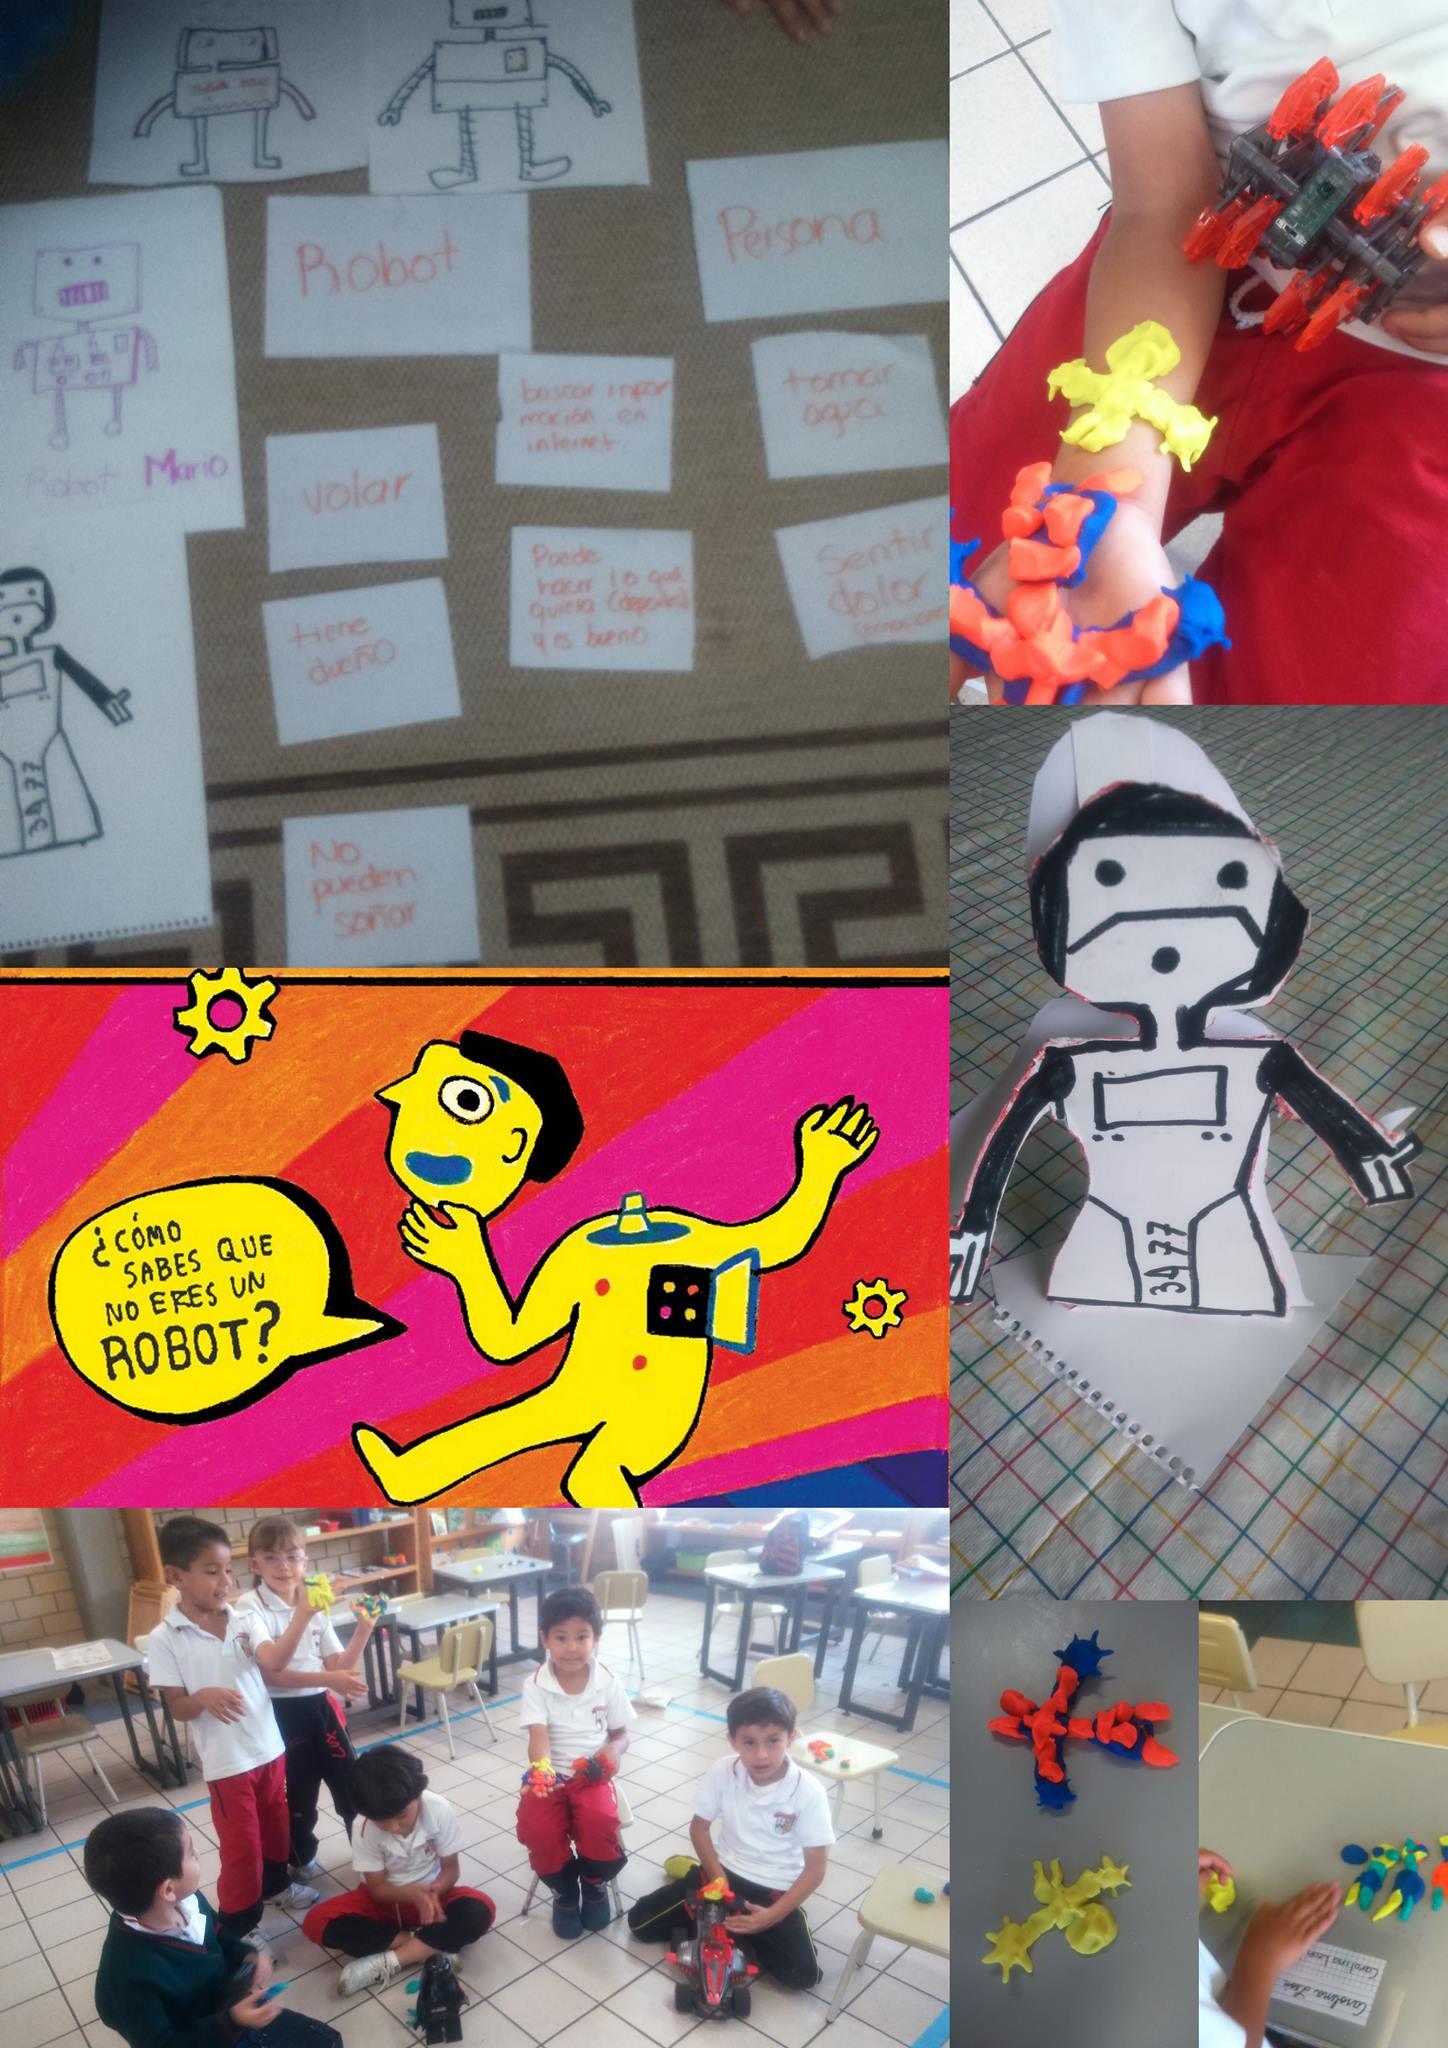 """Así nos lo contaron en Facebook:Hoy en nuestra última sesión escolar hemos estado hablando de los ROBOTS. Hemos actuado como robots, dibujado robots y hablado un poco de como sabemos que NO somos un robot. Concluimos haciendo robots de masas. La hemos pasado genial, gracias a Wonder Ponder y a Koiné Filosofica por hacernos la pregunta!  Aquí algunas de las respuestas.   Armando """"No soy un robot porque tengo sangre""""   Luigi """"Los human  os tenemos células que nos protegen de los virus y los robots no"""" Juan Pablo """"No soy un robot porque no tengo alambres en la cabeza"""" Angel """"No soy robot porque No tengo un dueño que me dice que haga"""" Cony """"Yo tengo cabello, los robots No"""" Santi """"Yo tengo zapatos y los robots tienen botas"""""""